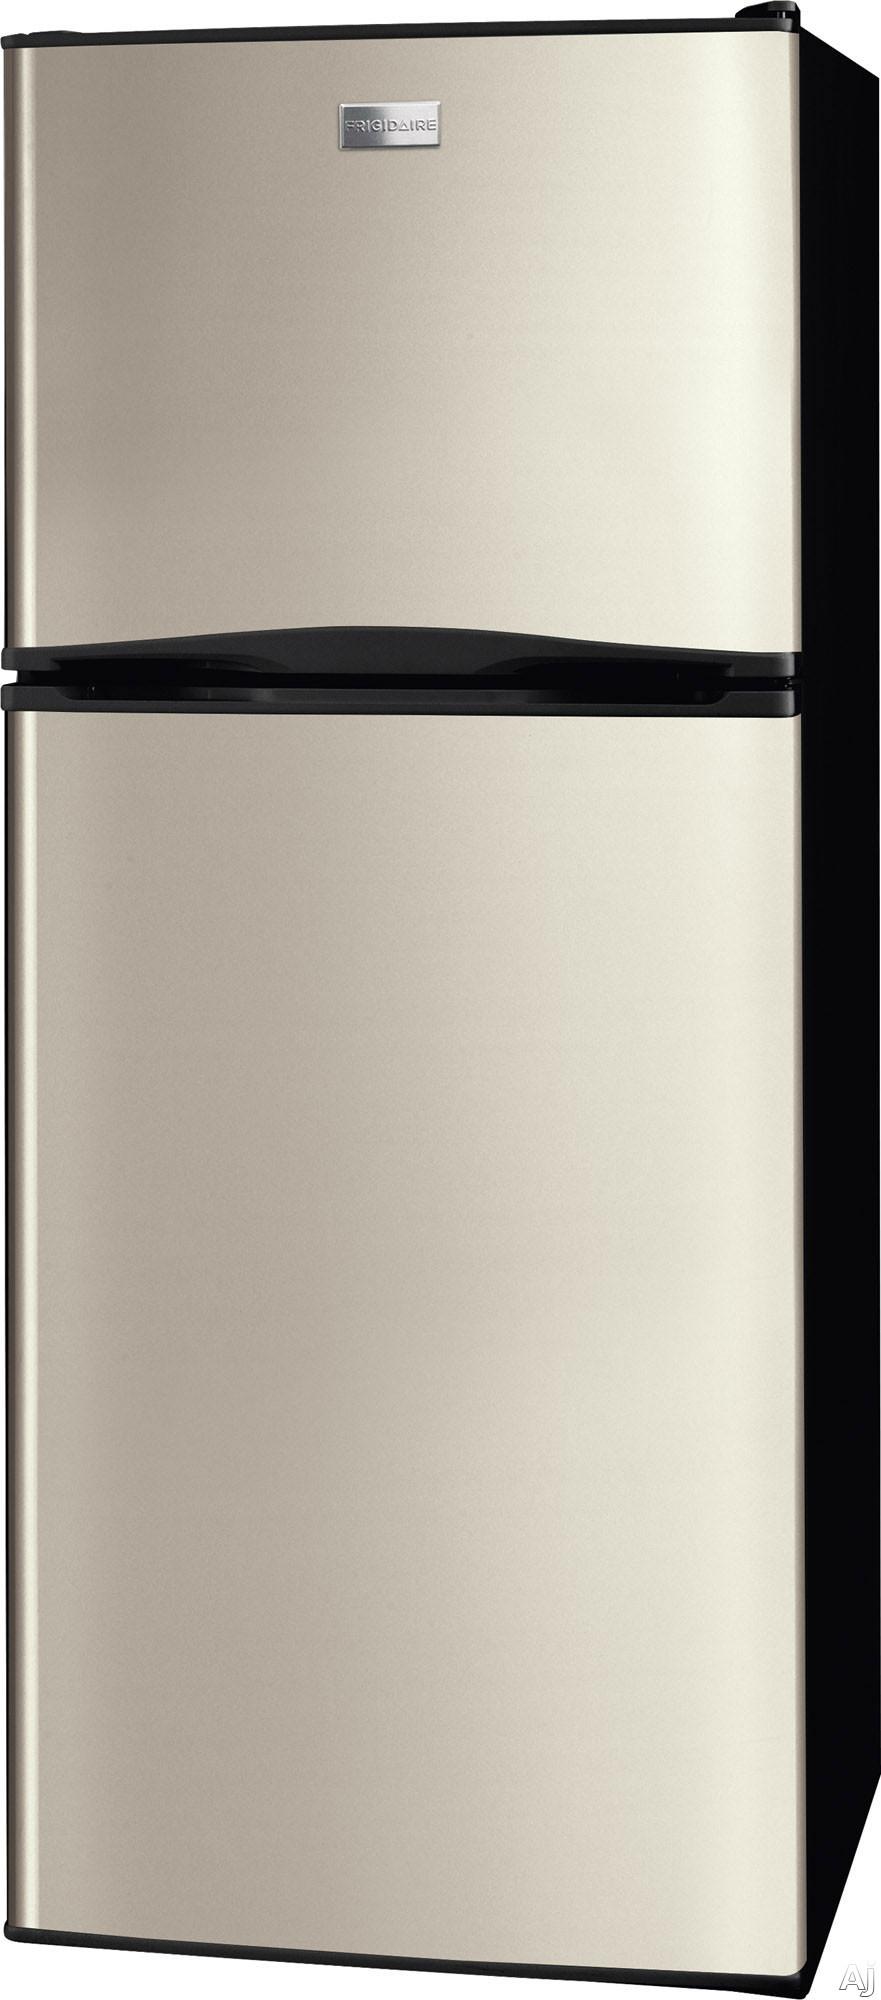 frigidaire fftr1222q 11 5 cu ft counter depth top freezer refrigerator with 3 glass shelves 2. Black Bedroom Furniture Sets. Home Design Ideas